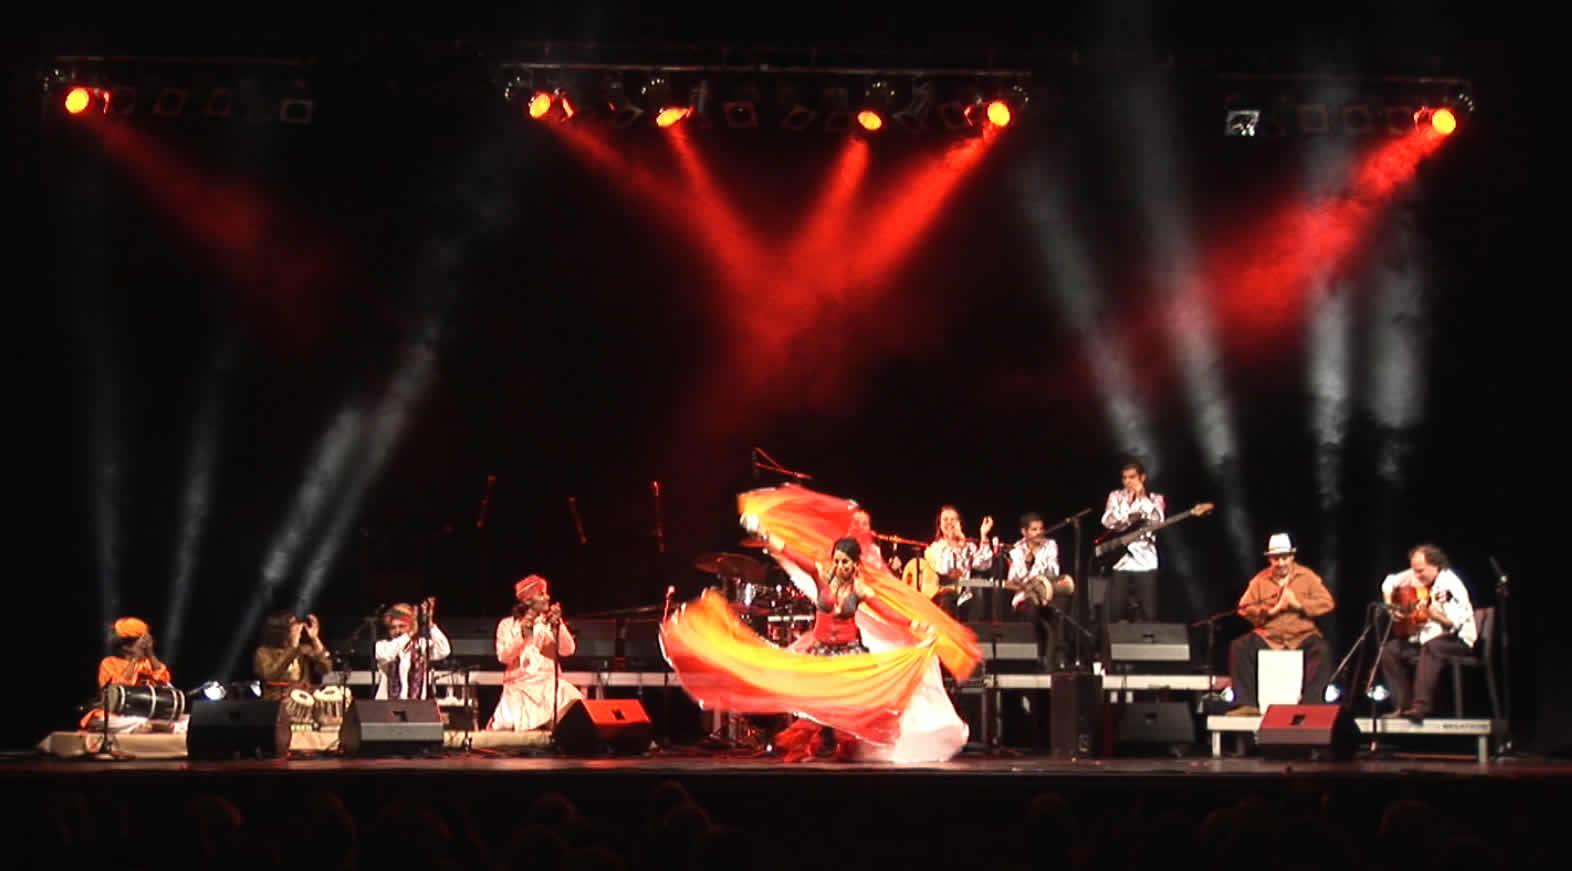 Gypsy Festival 2009